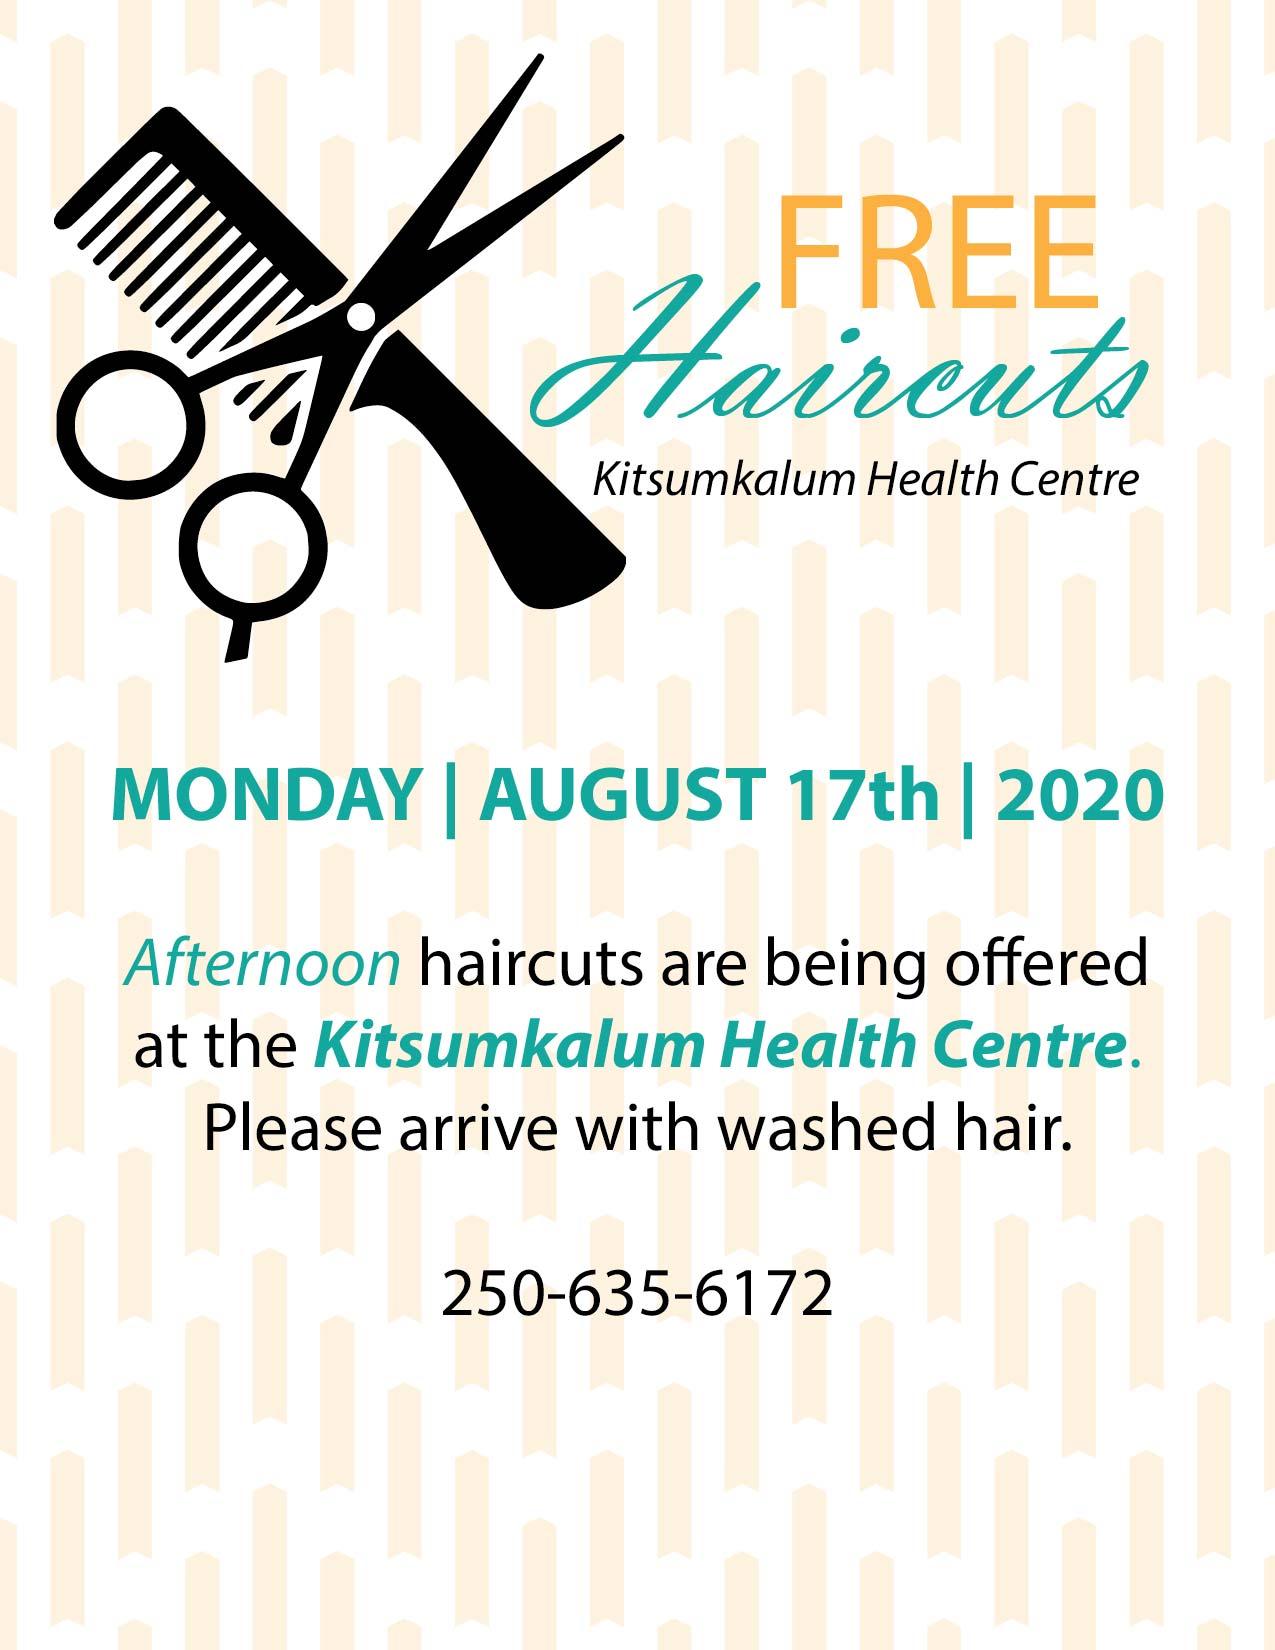 Free Haircuts at Kitsumkalum Health Centre